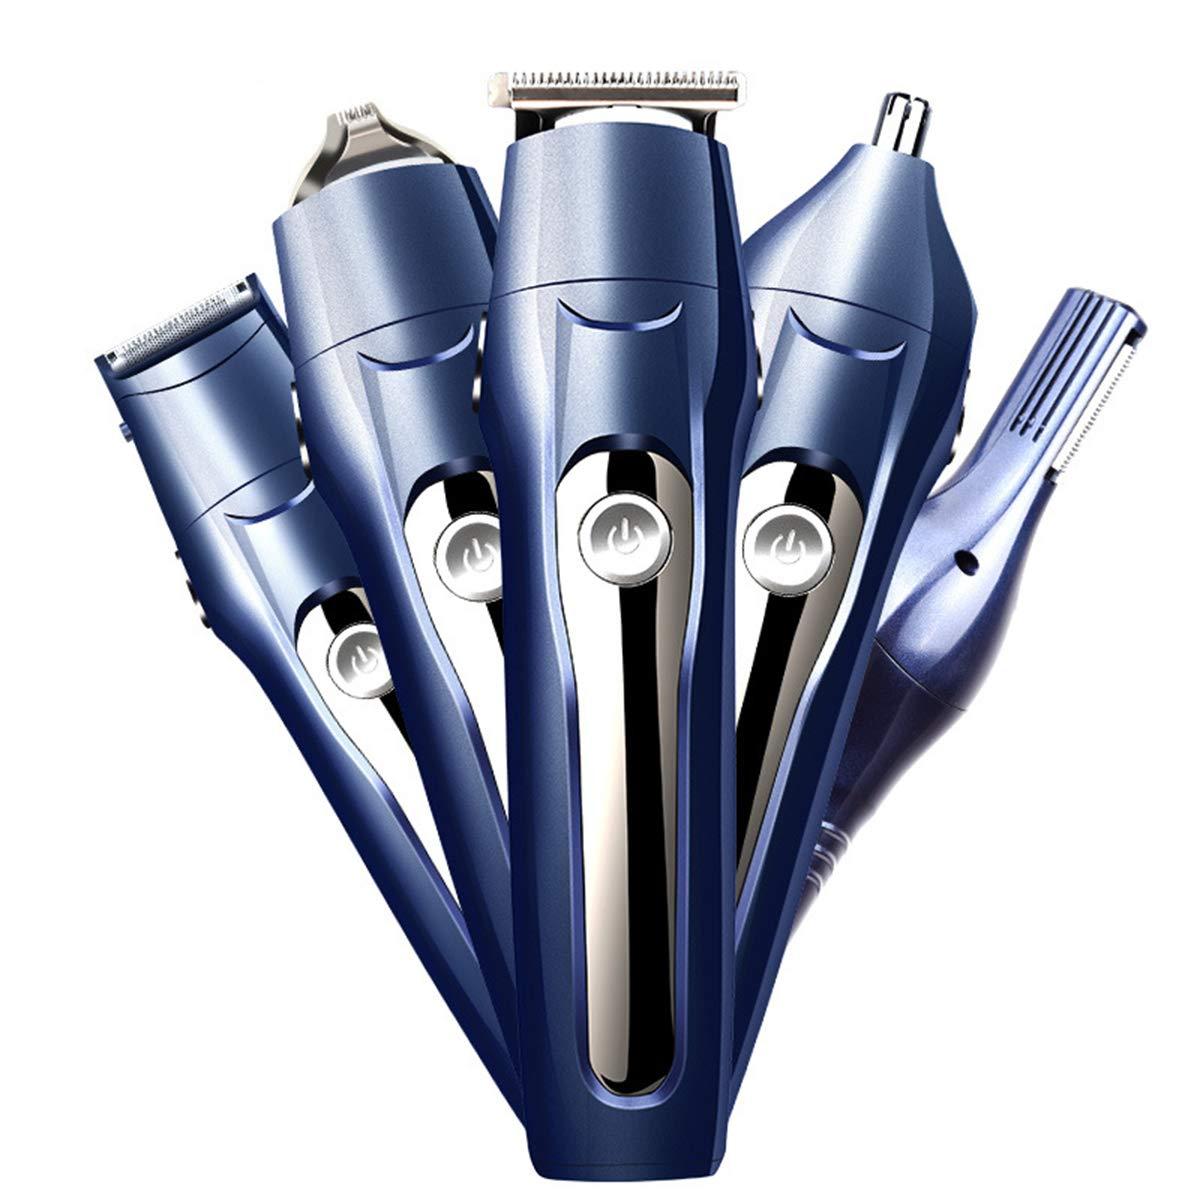 Tondeuse à barbe multifonction 5 en 1 sans fil rechargeable pour homme avec base